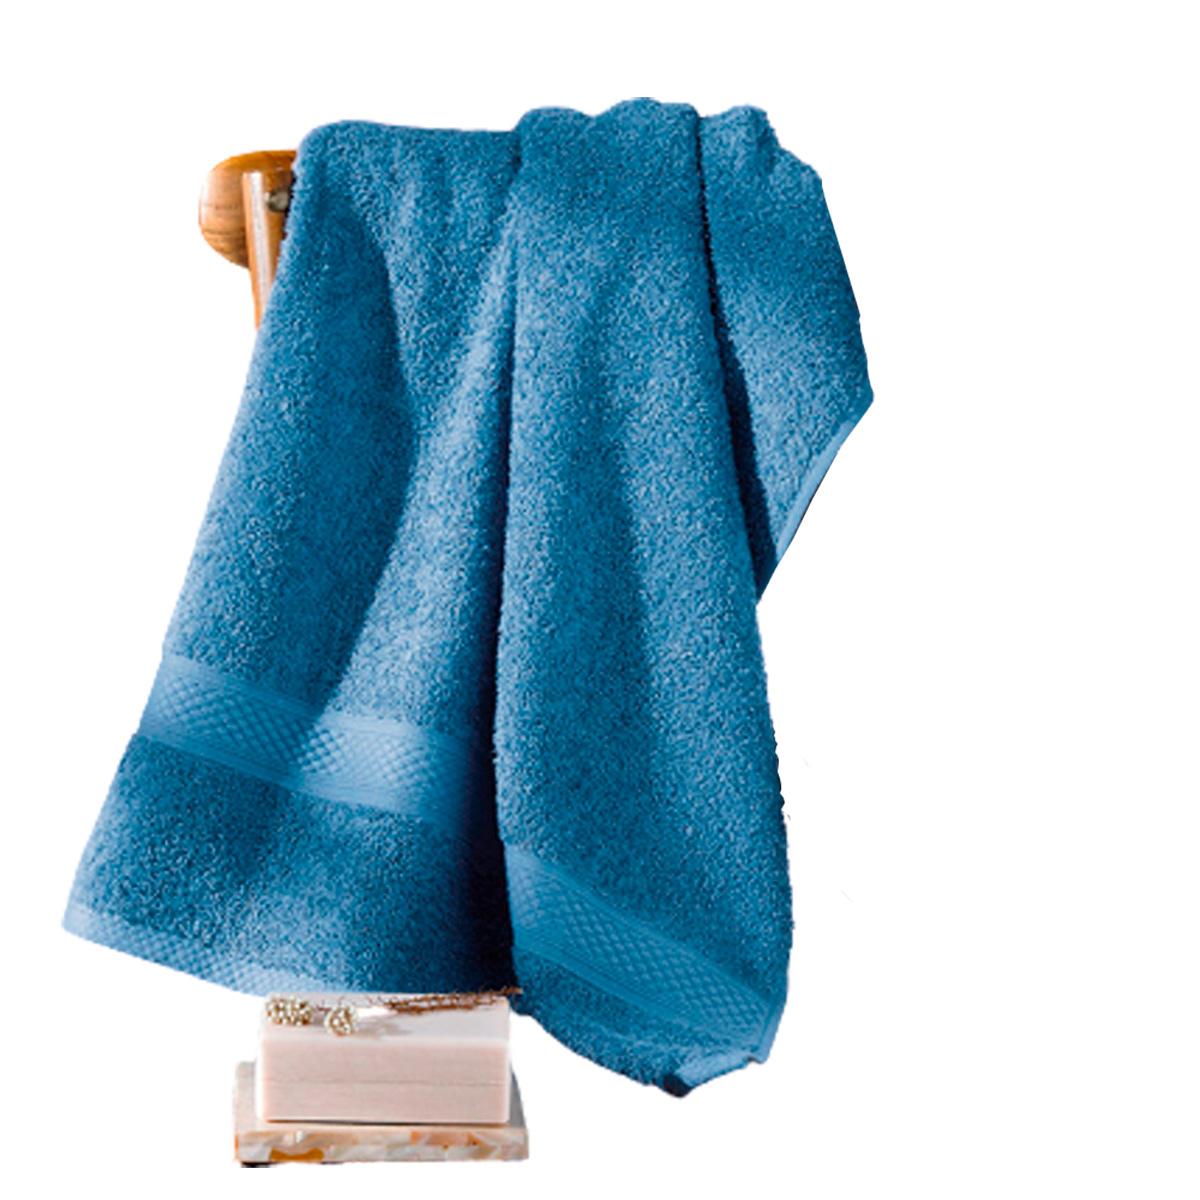 TOALHA BANHO FELPUDO JACQUARD RUBI Azul 90x150cm